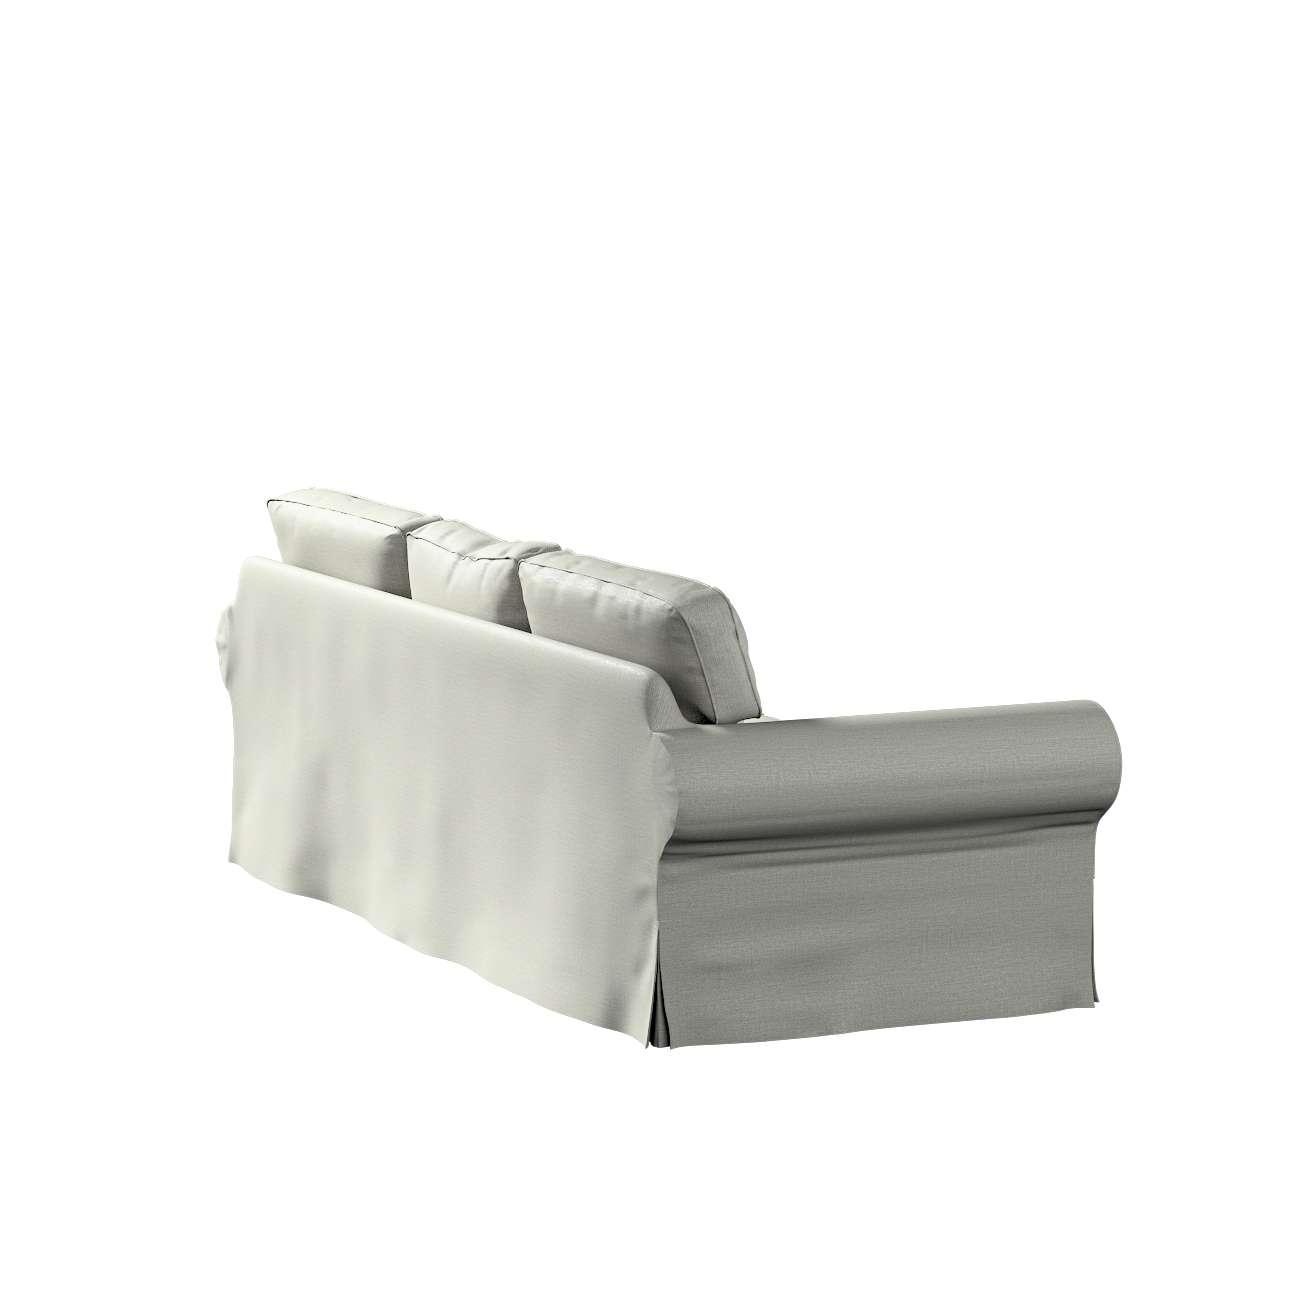 Bezug für Ektorp 3-Sitzer Schlafsofa, ALTES Modell von der Kollektion Bergen, Stoff: 161-83